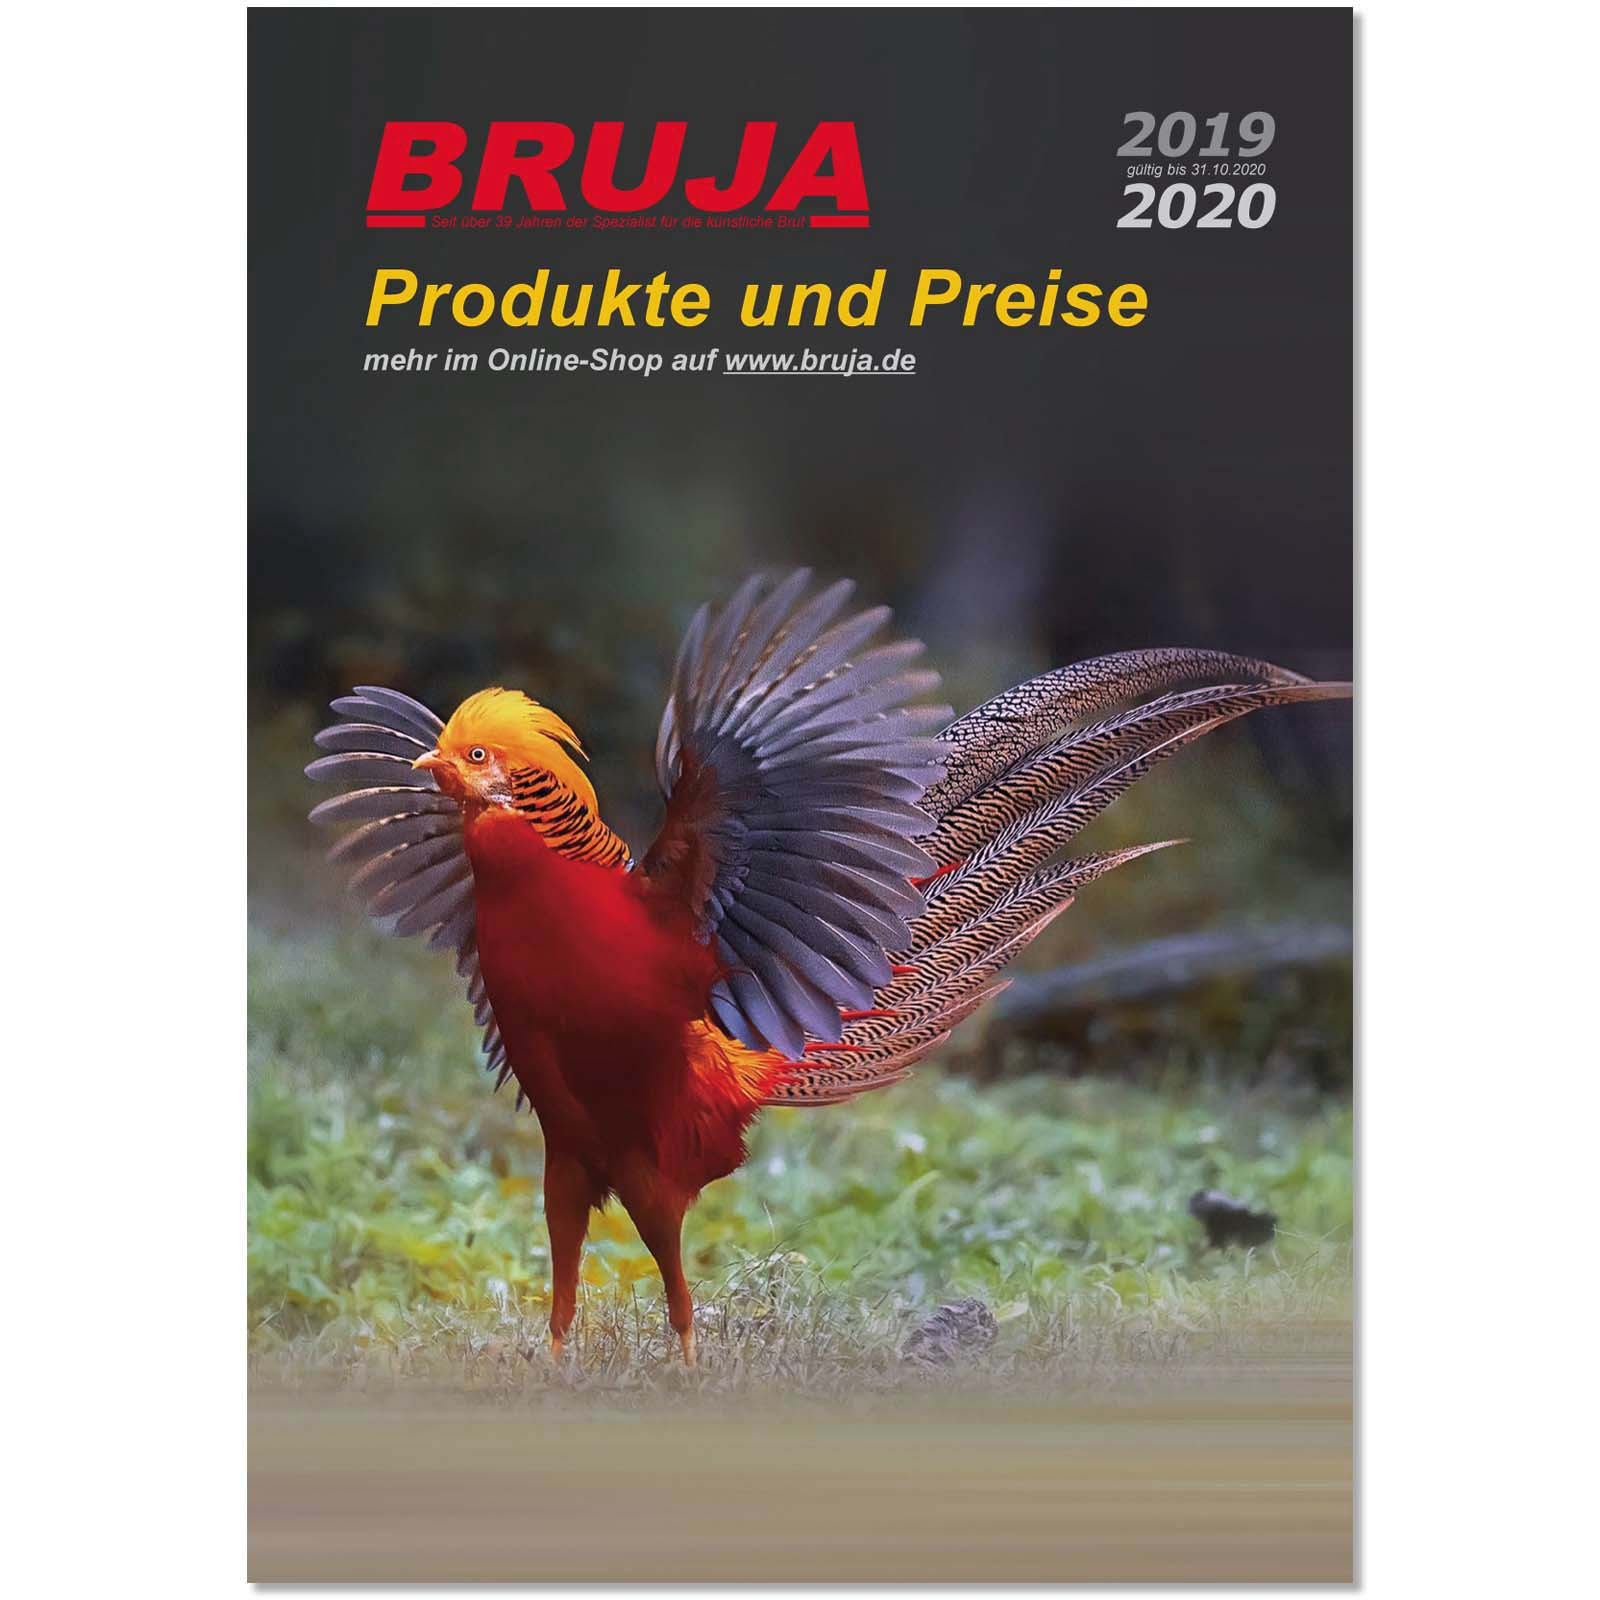 BRUJA-Katalog-2019-2020